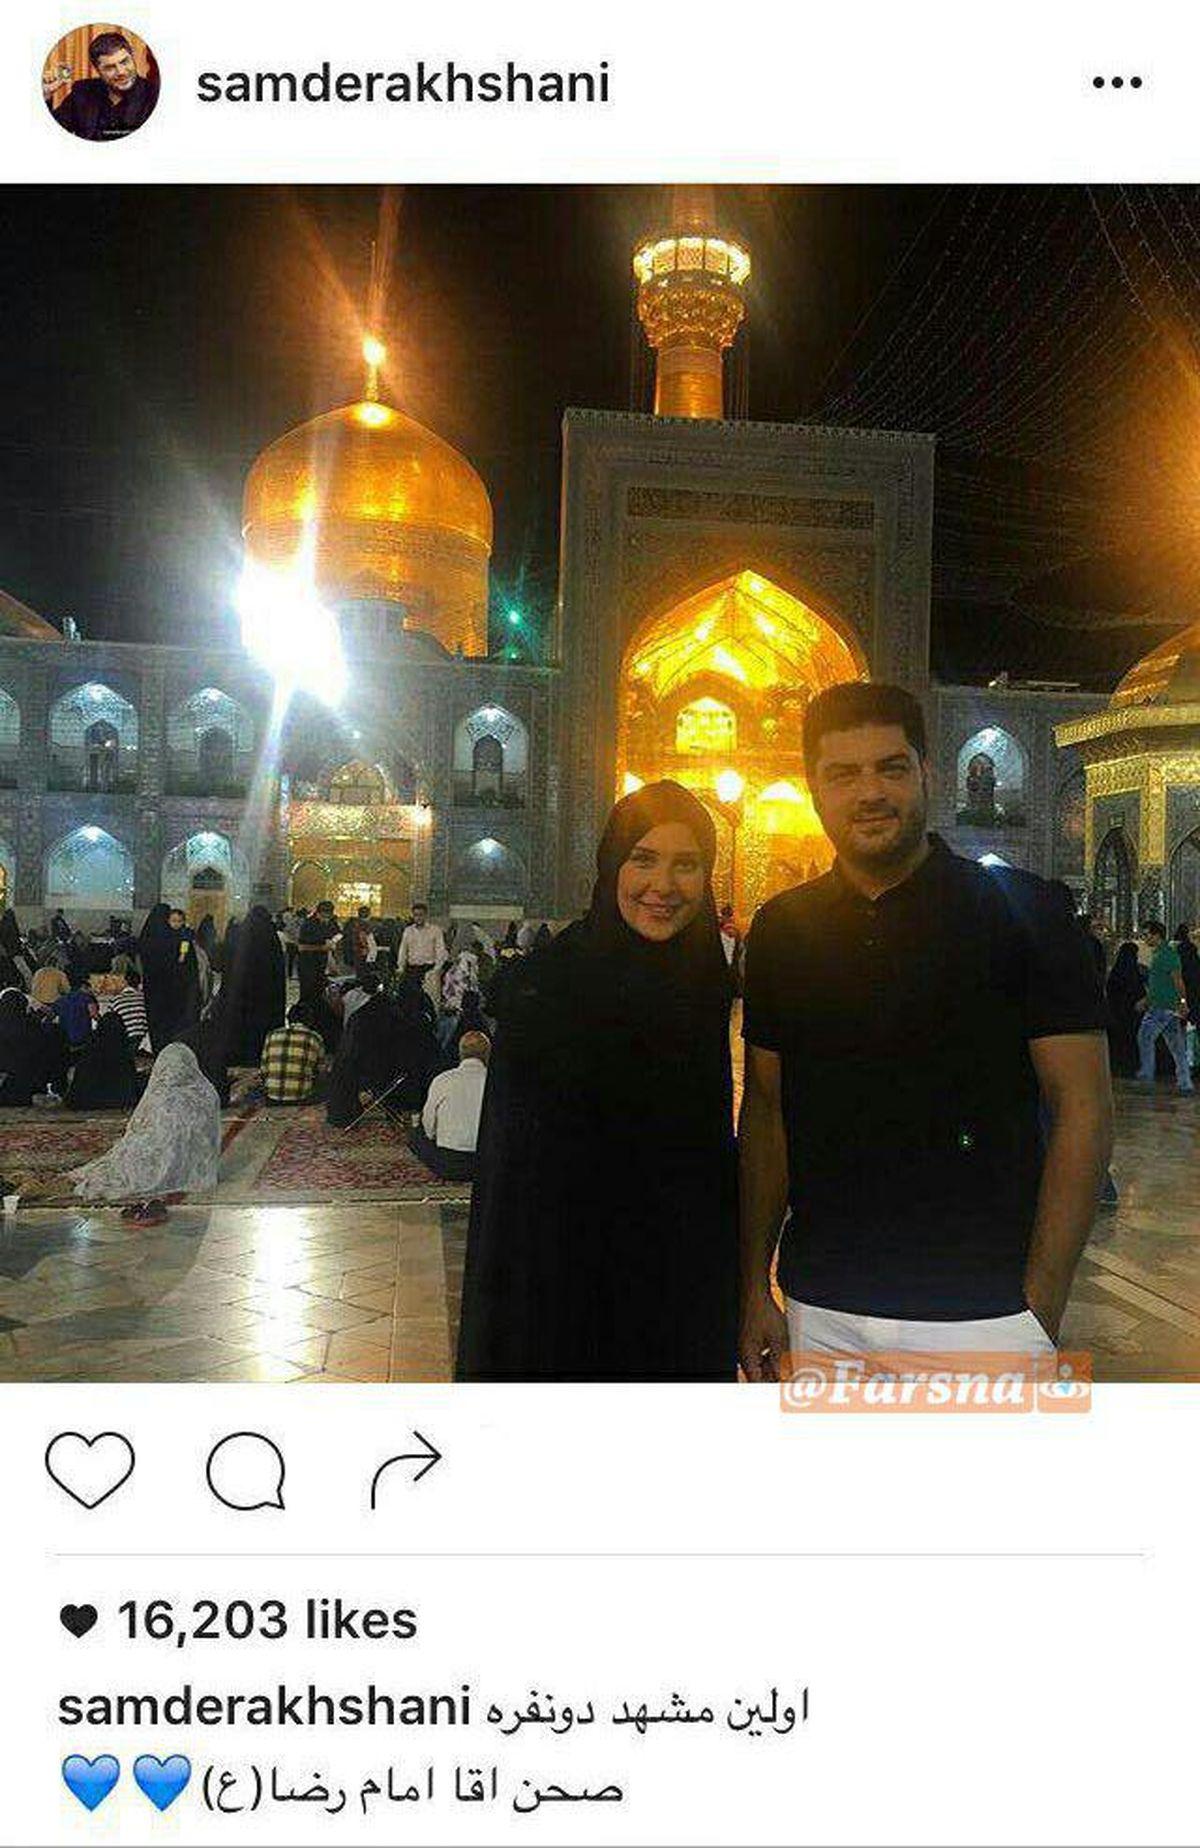 سام درخشانی و همسرش در حرم مطهر رضوی +عکس